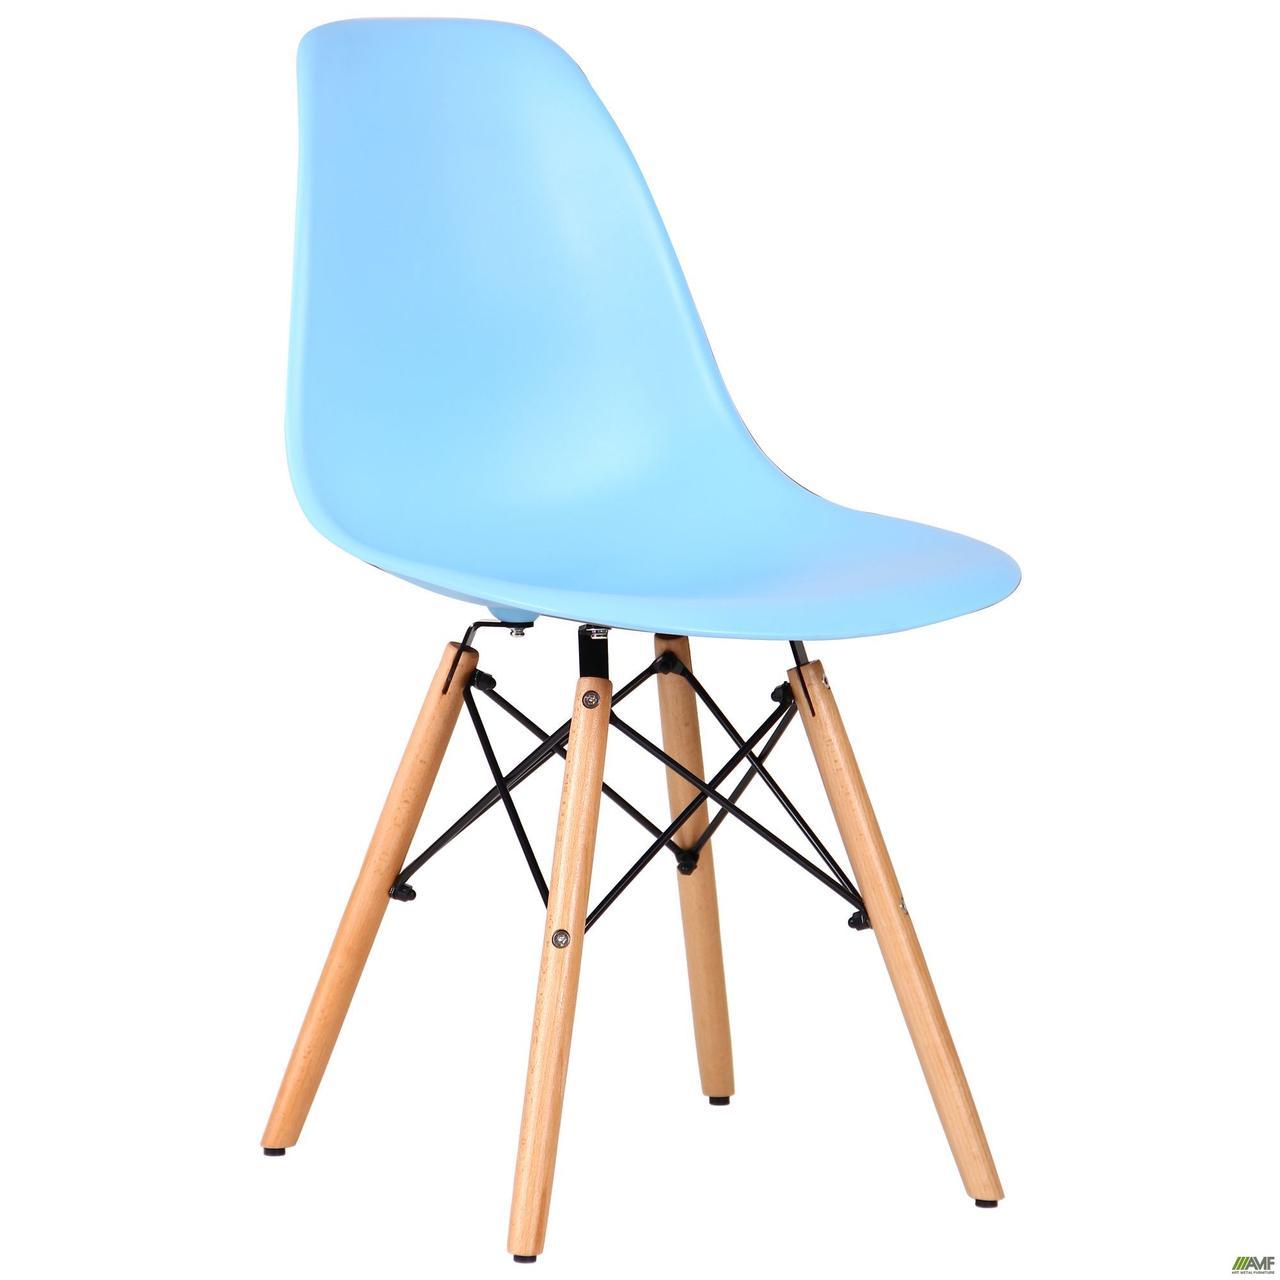 Блакитний стілець AMF Aster PL Wood моноблок сидіння пастик на дерев'яних ніжках